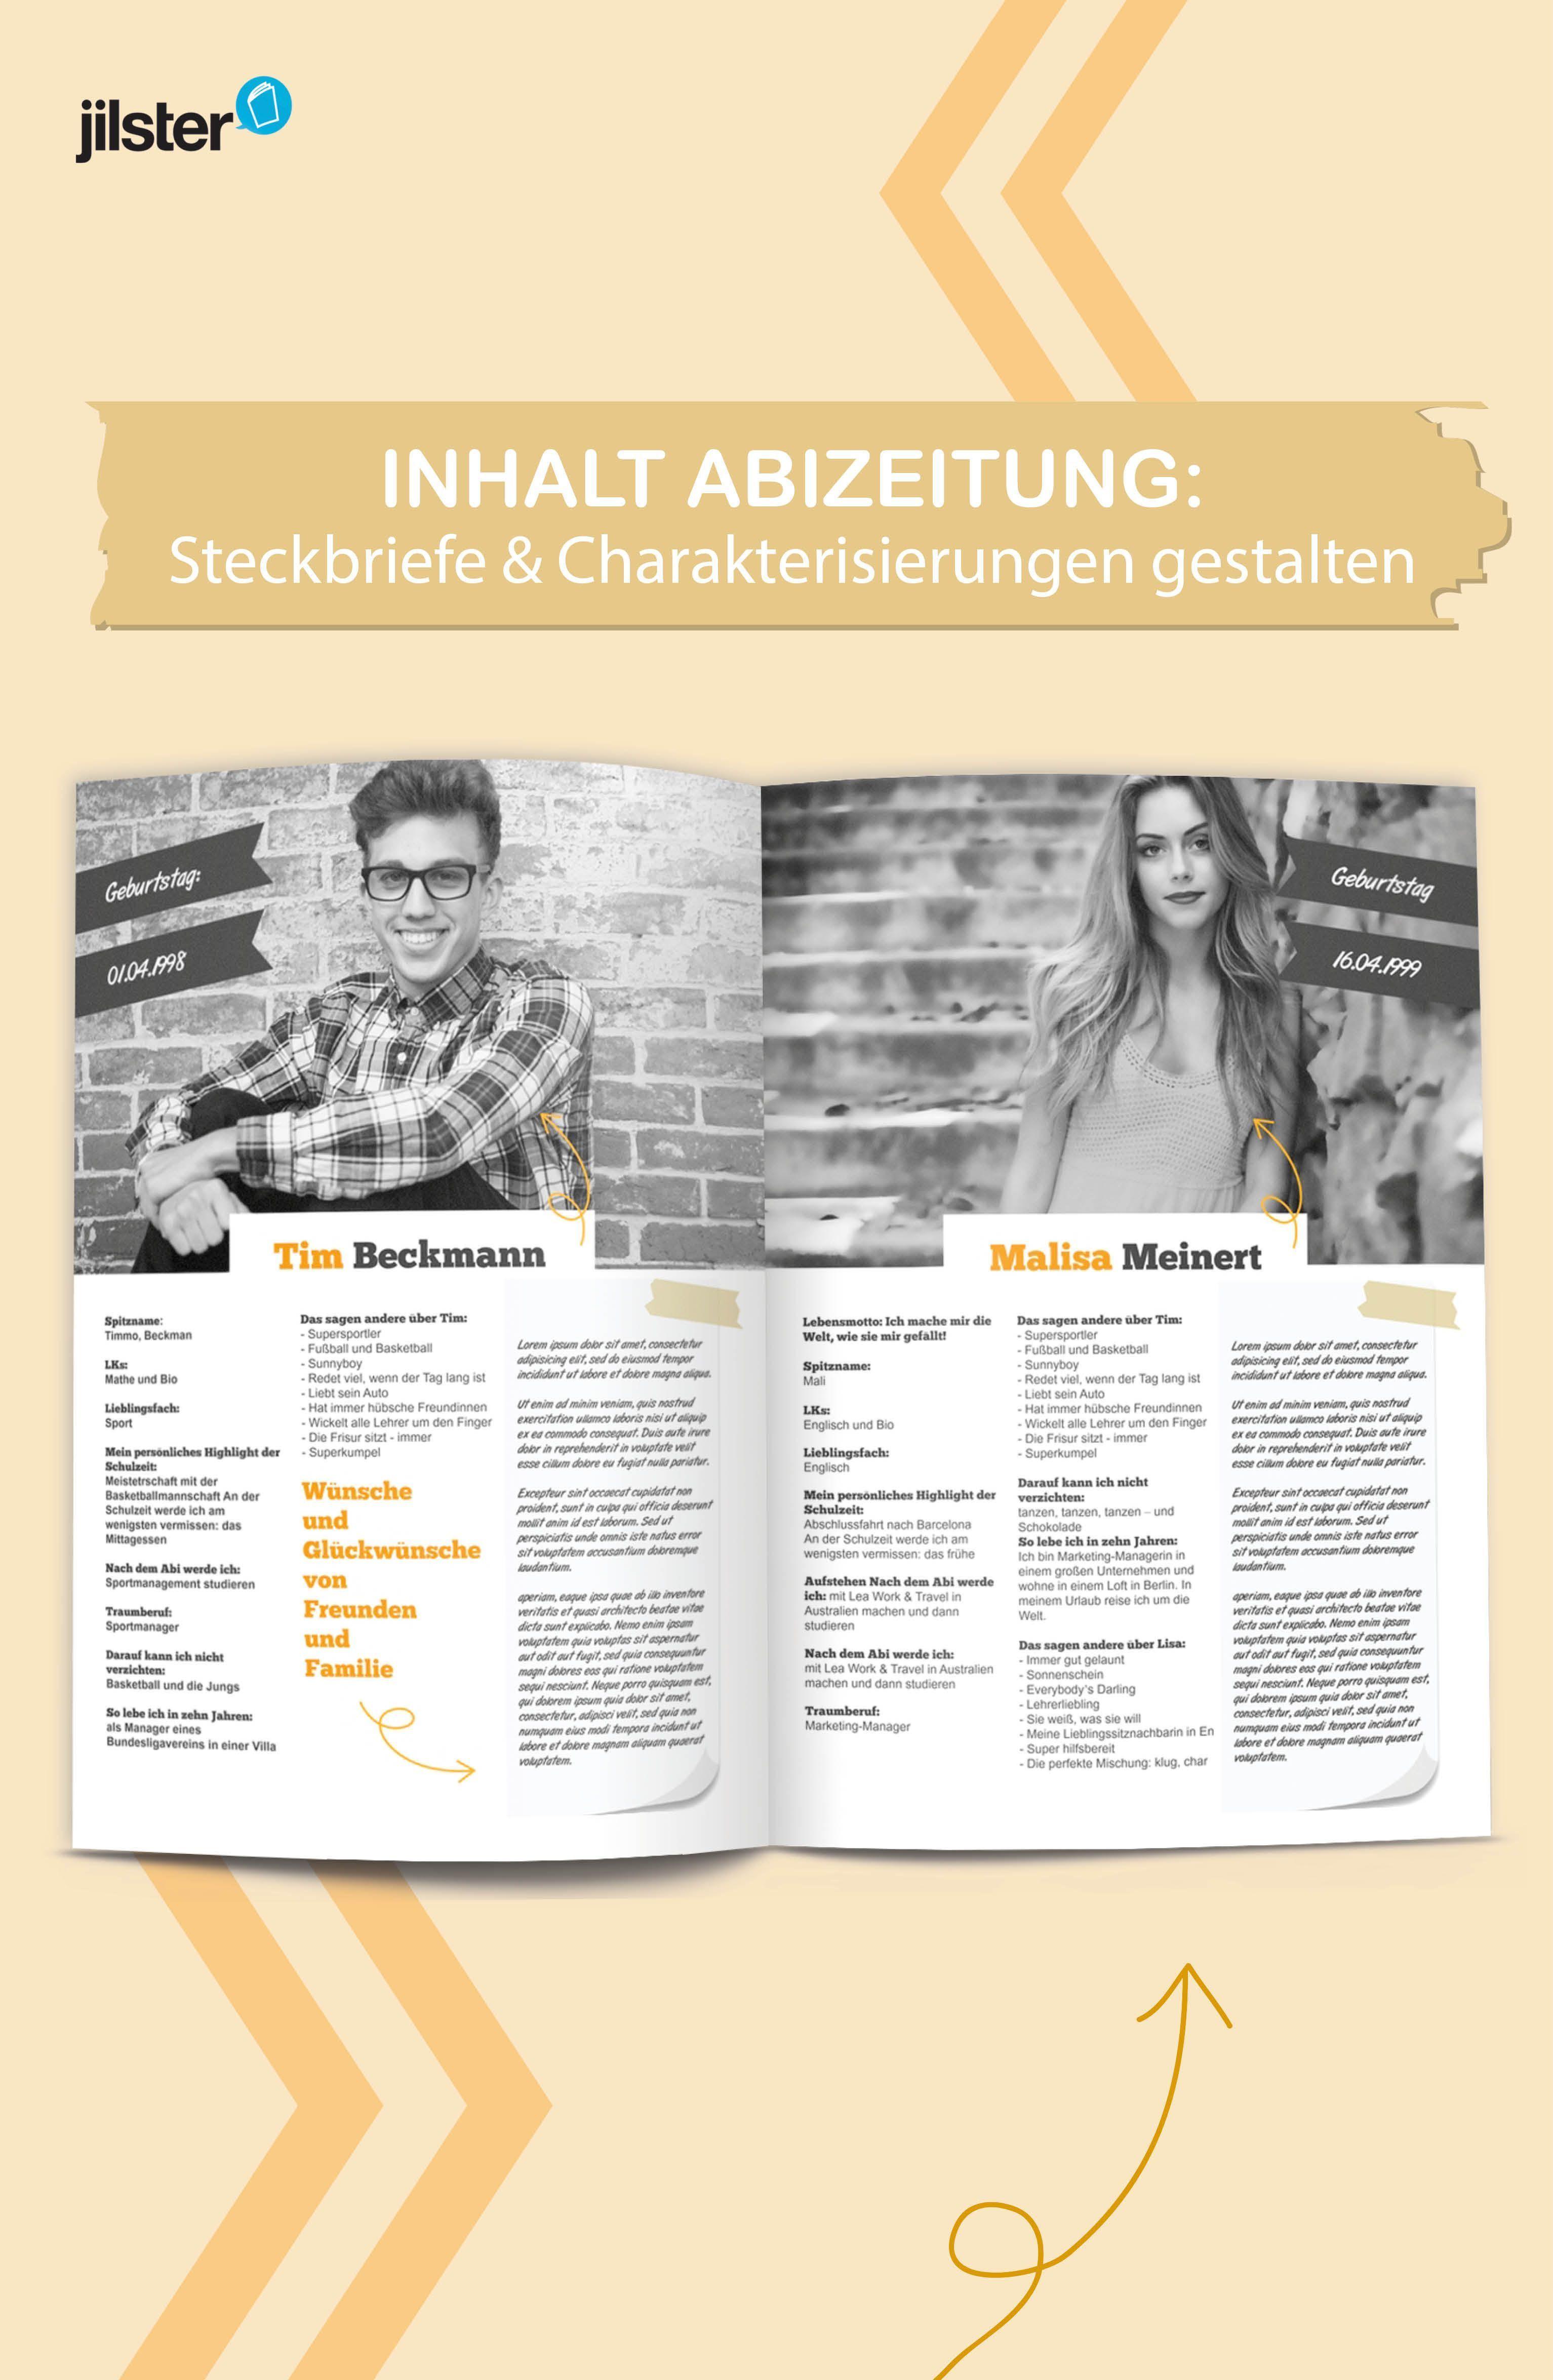 Abizeitung   Steckbriefe gestalten - Jilster Blog